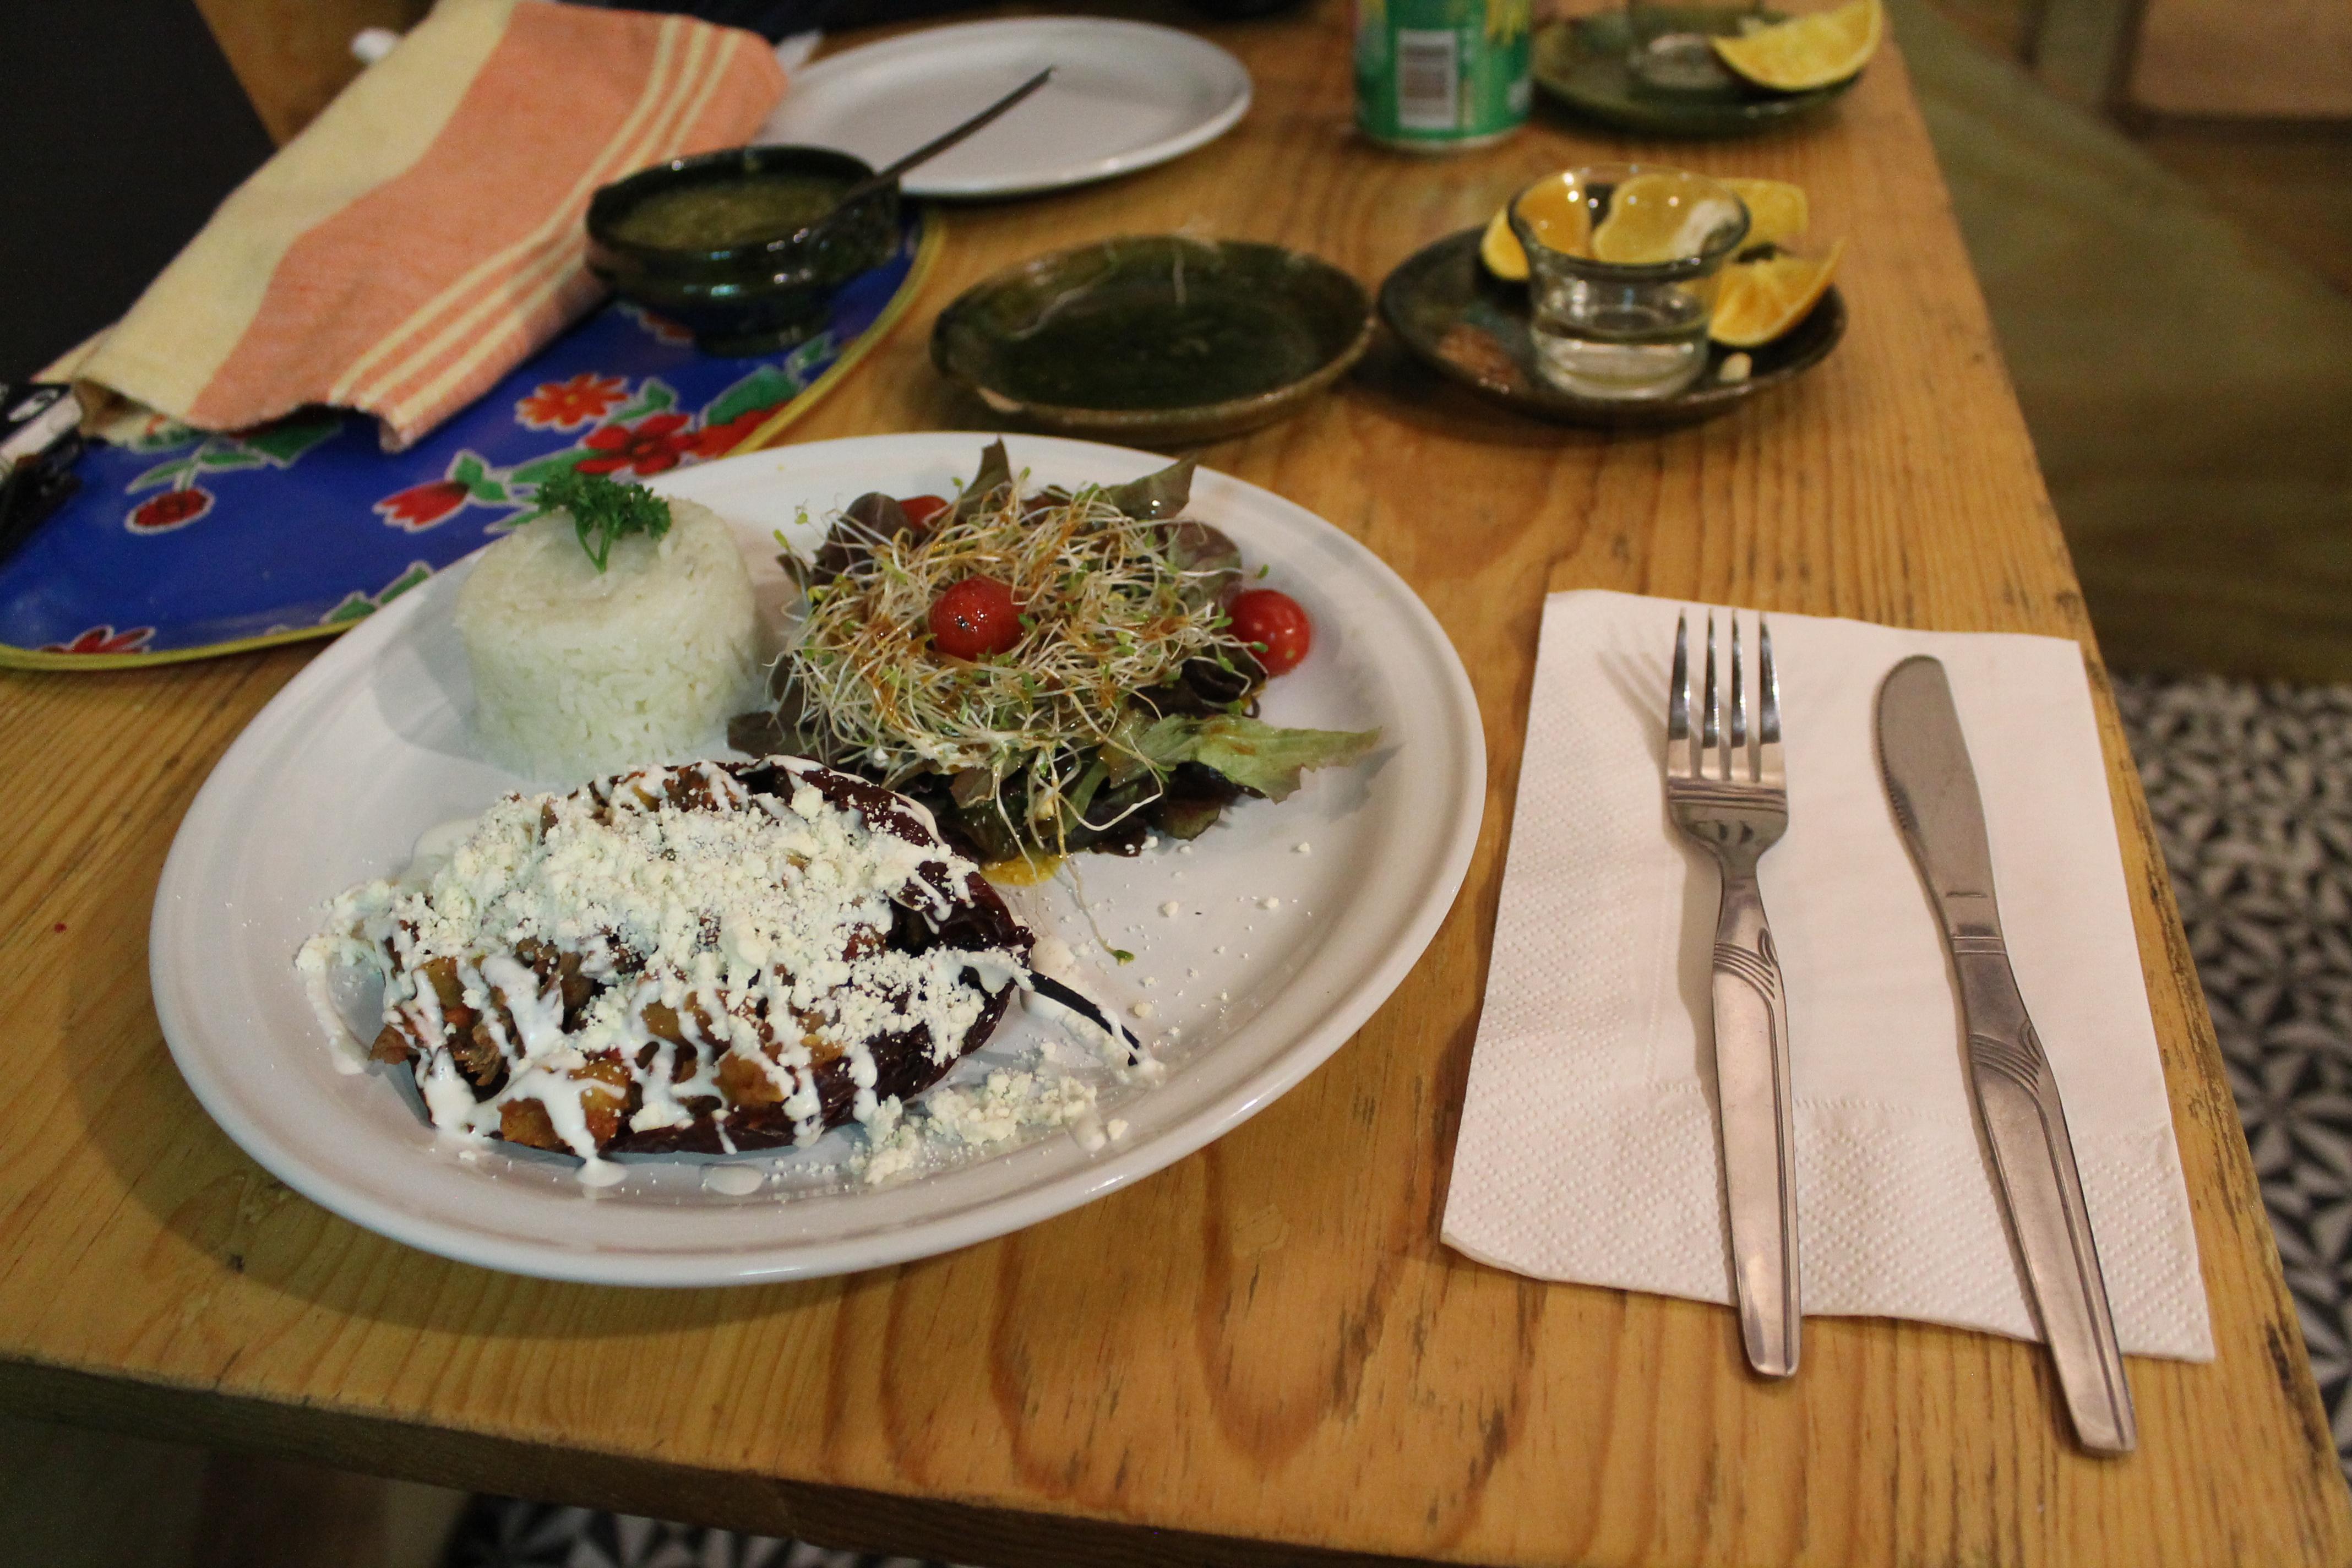 Culinary Backstreets: Comixcal, Deeply Oaxacan